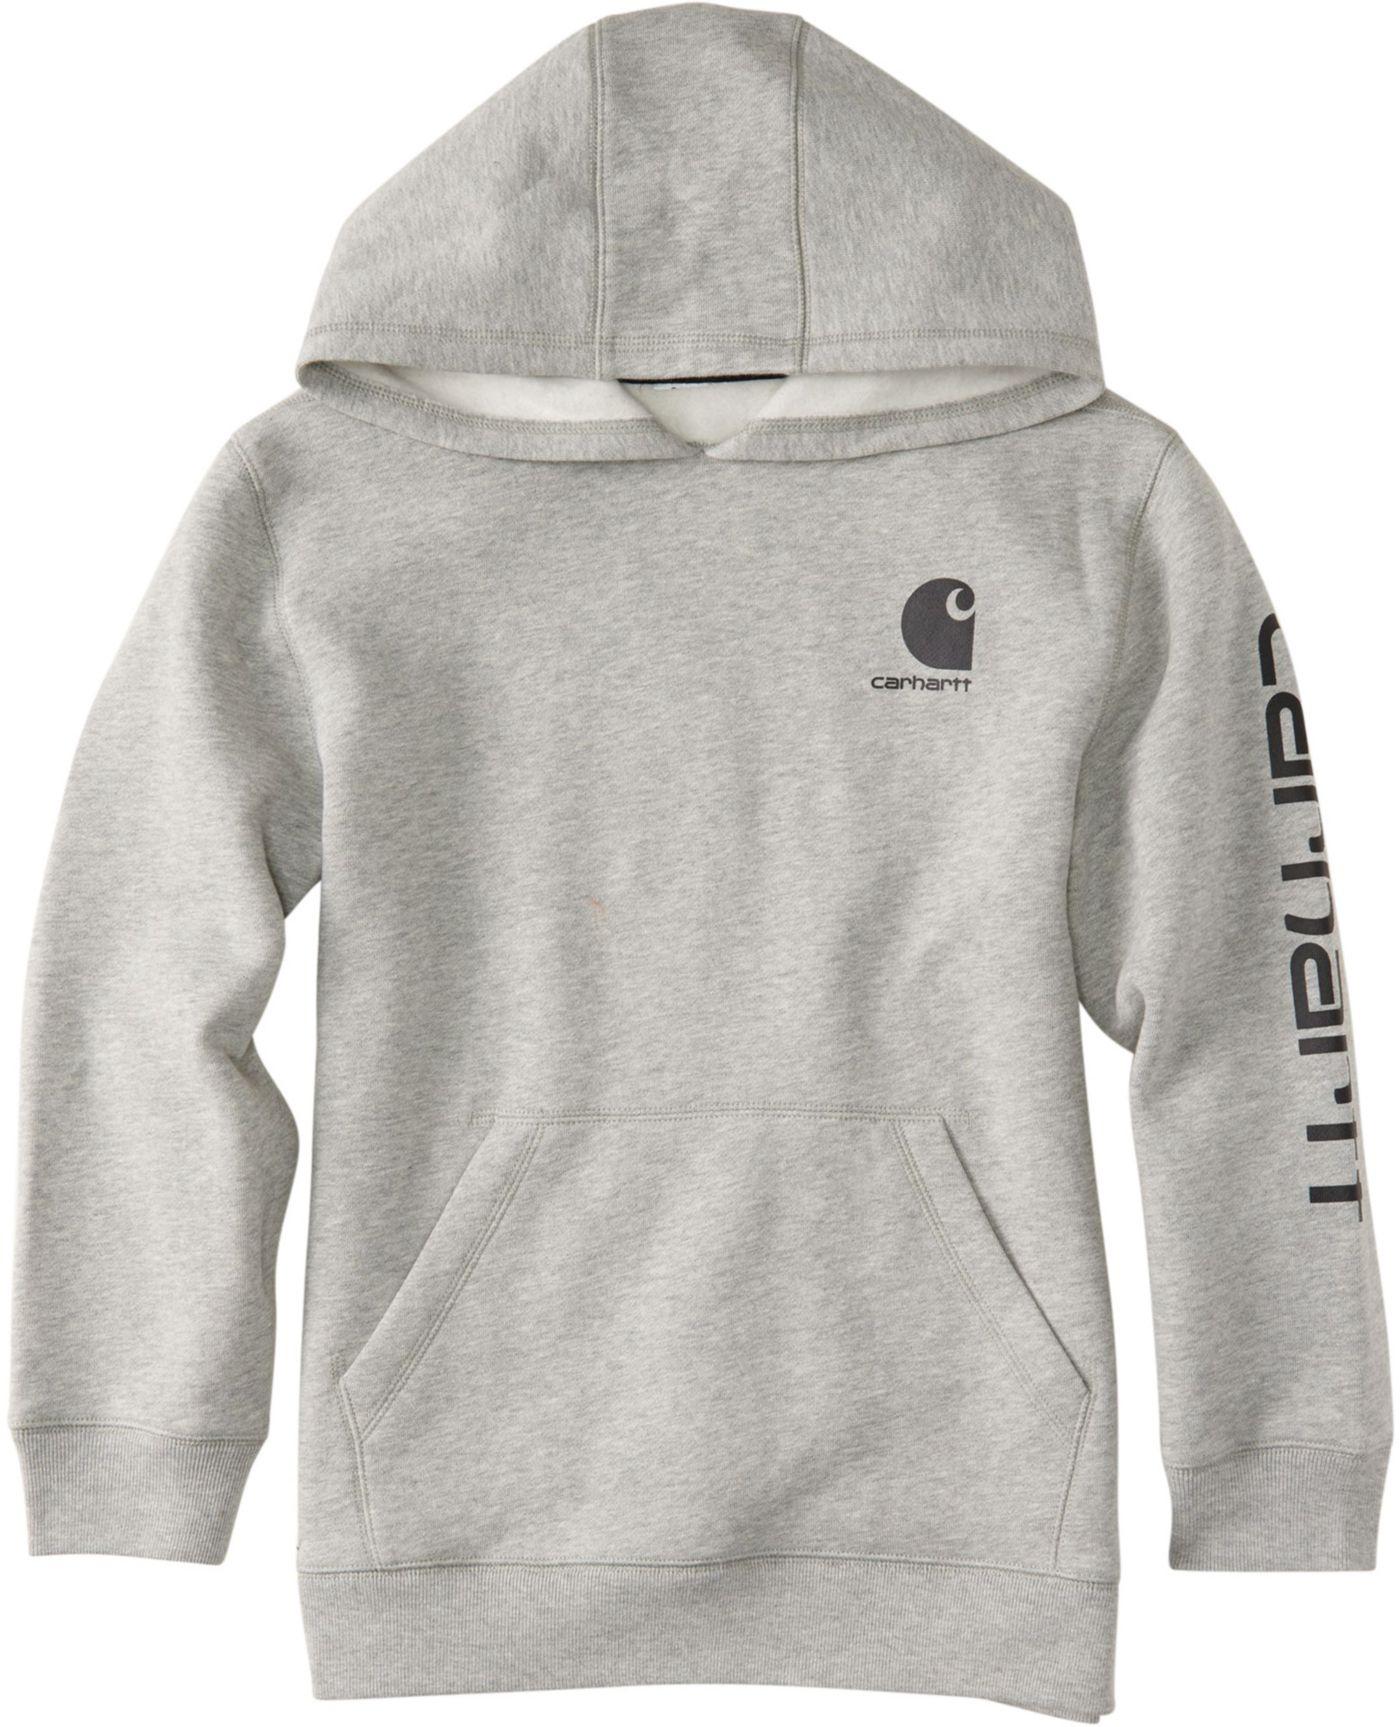 Carhartt Little Boys' Logo Fleece Zip Up Hoodie